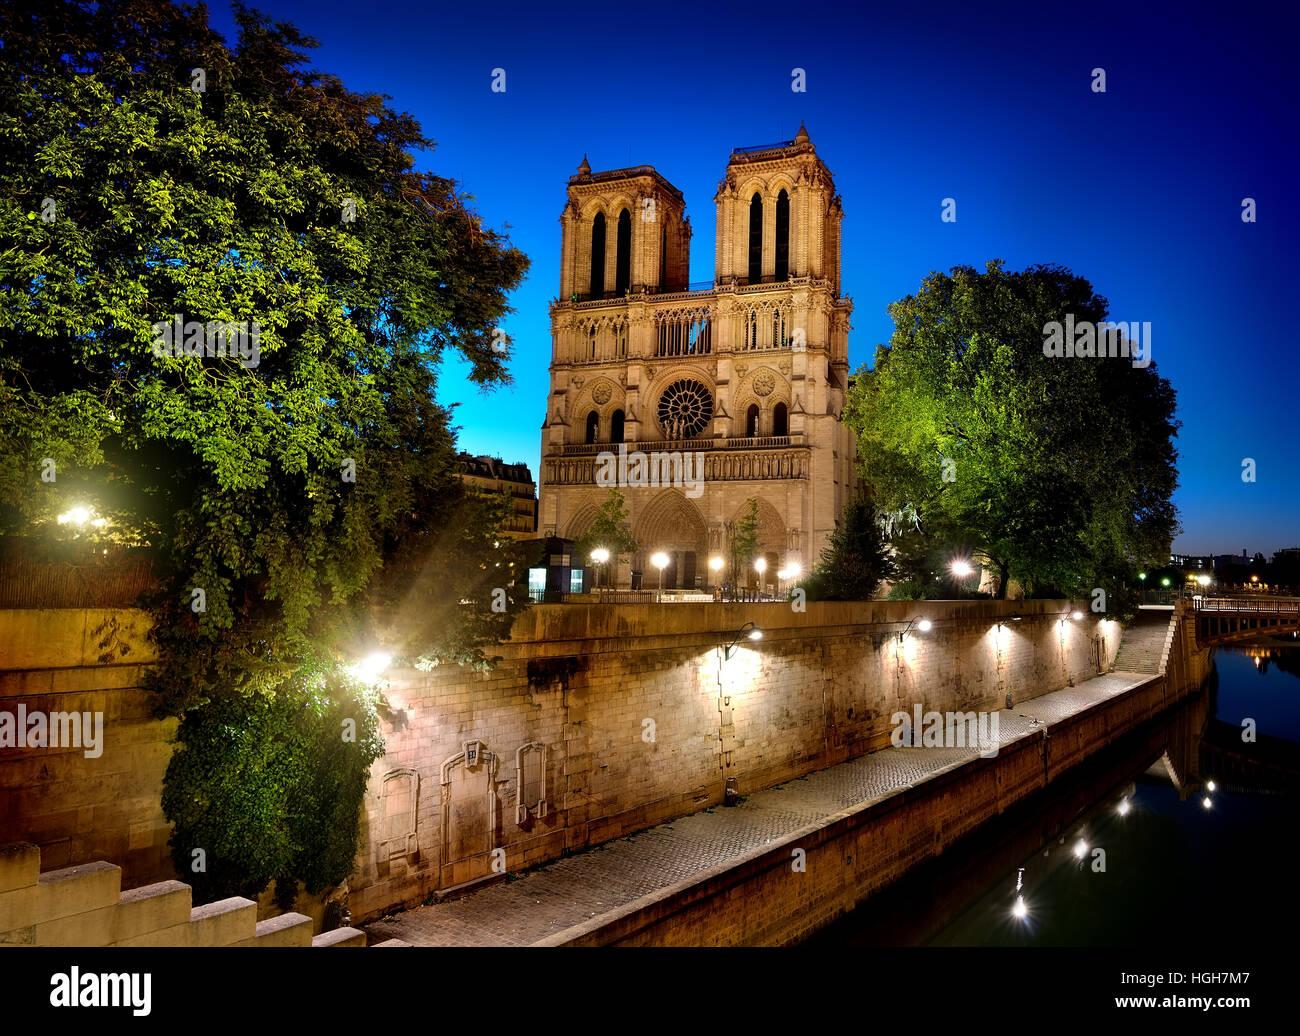 Seine and Notre Dame de Paris, Paris, France - Stock Image